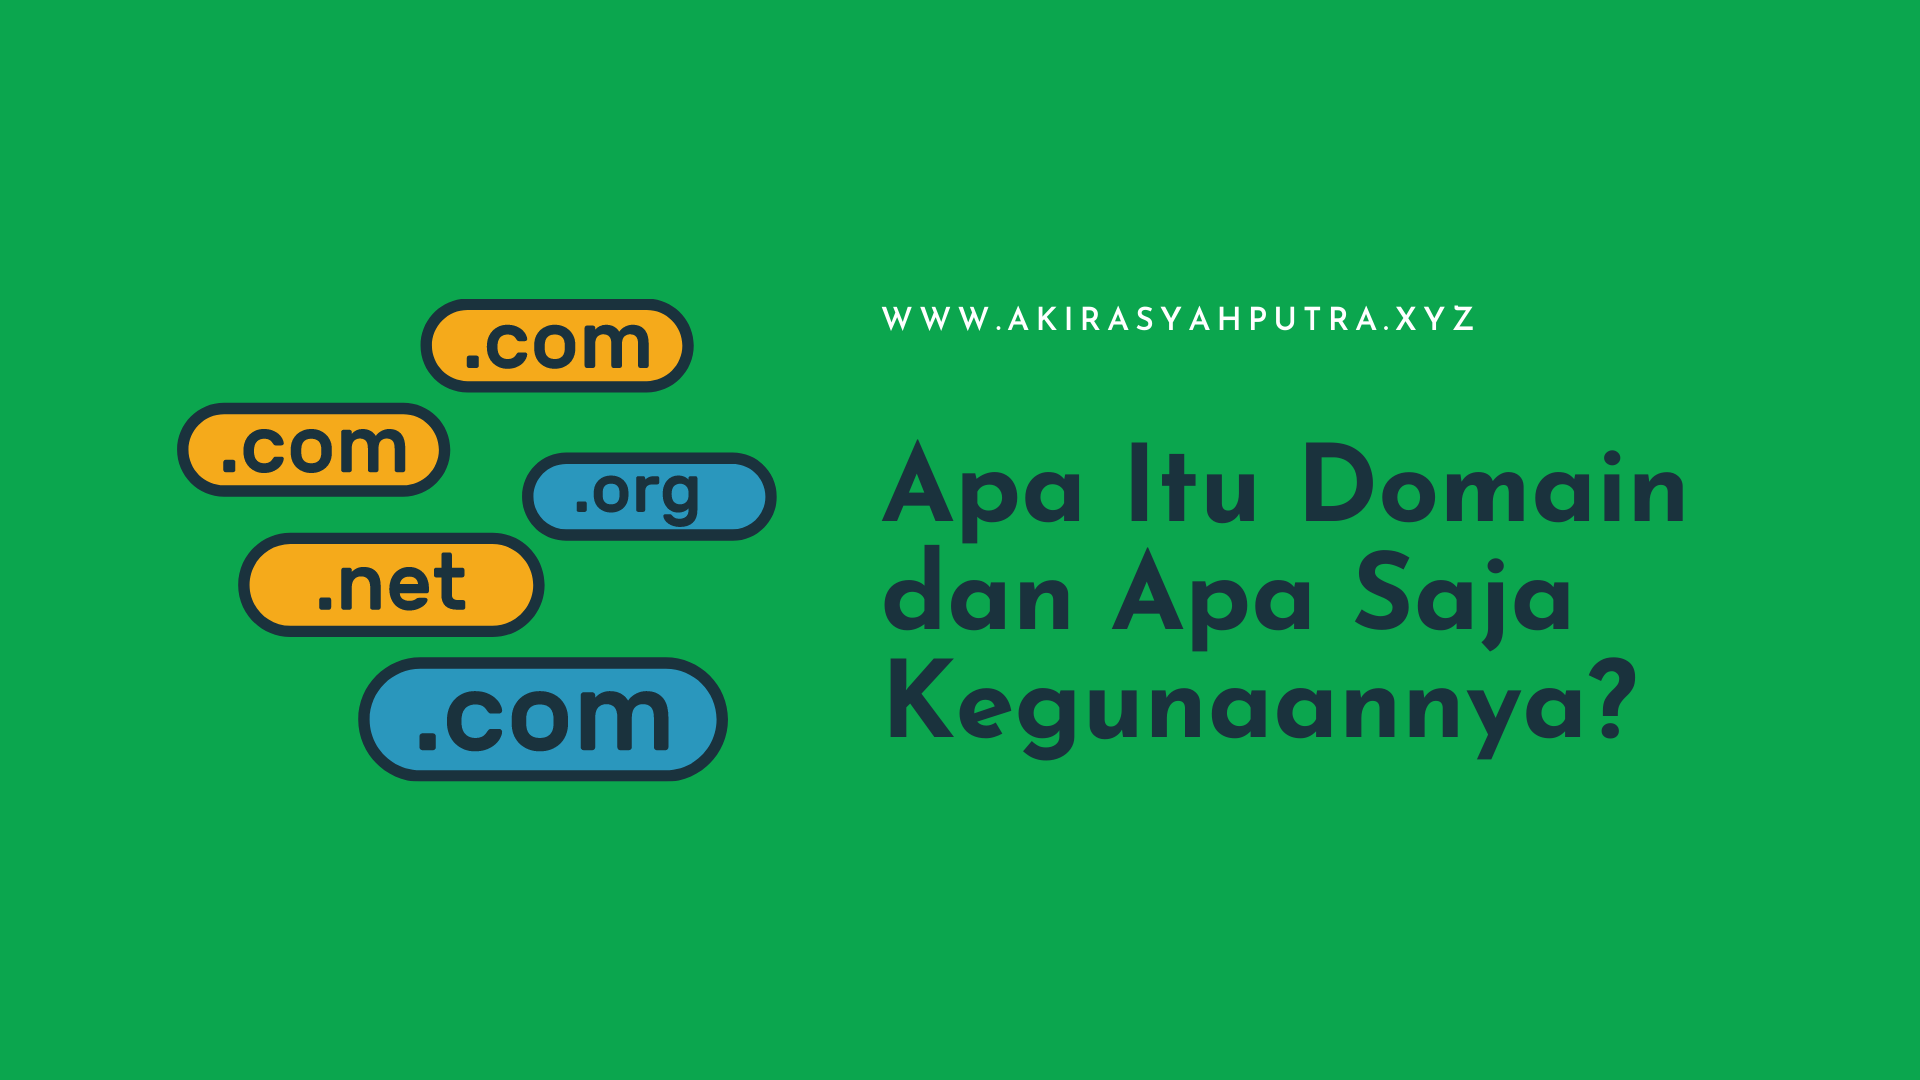 Apa Itu Domain dan Apa Saja Kegunaannya?